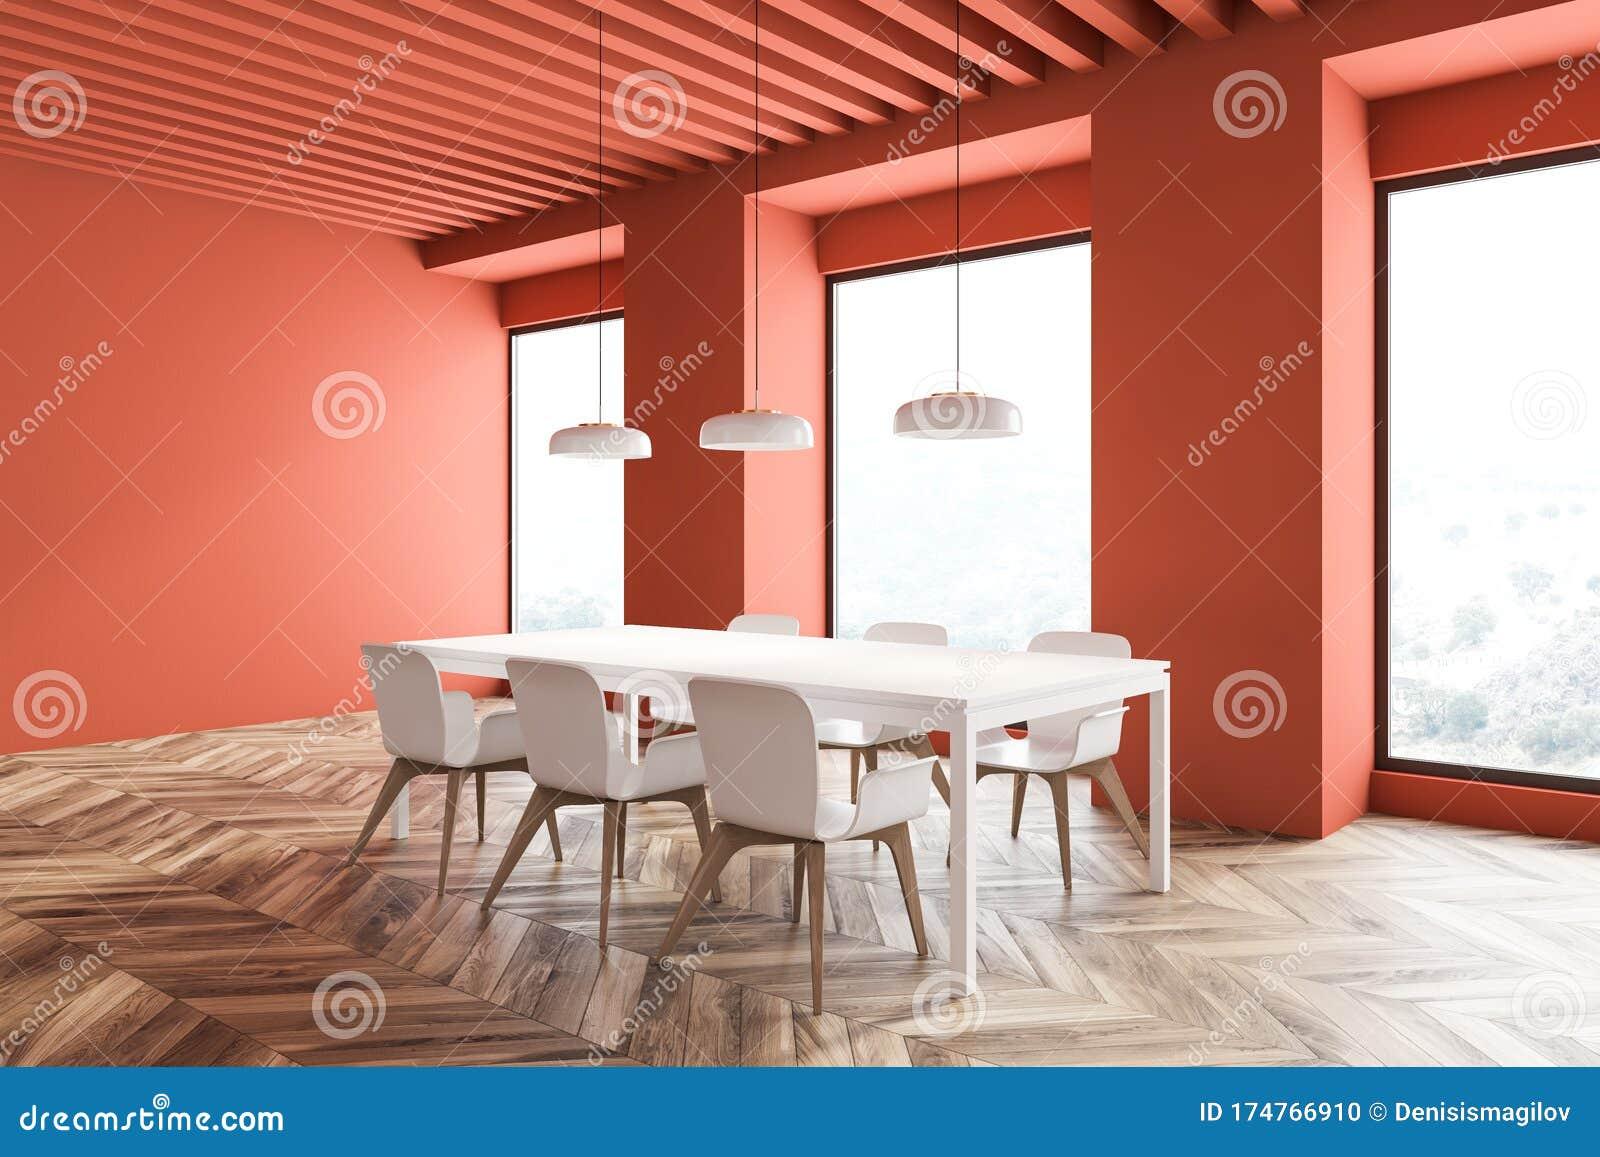 Bright Orange Dining Room Interior Stock Illustration Illustration Of Light Decor 174766910